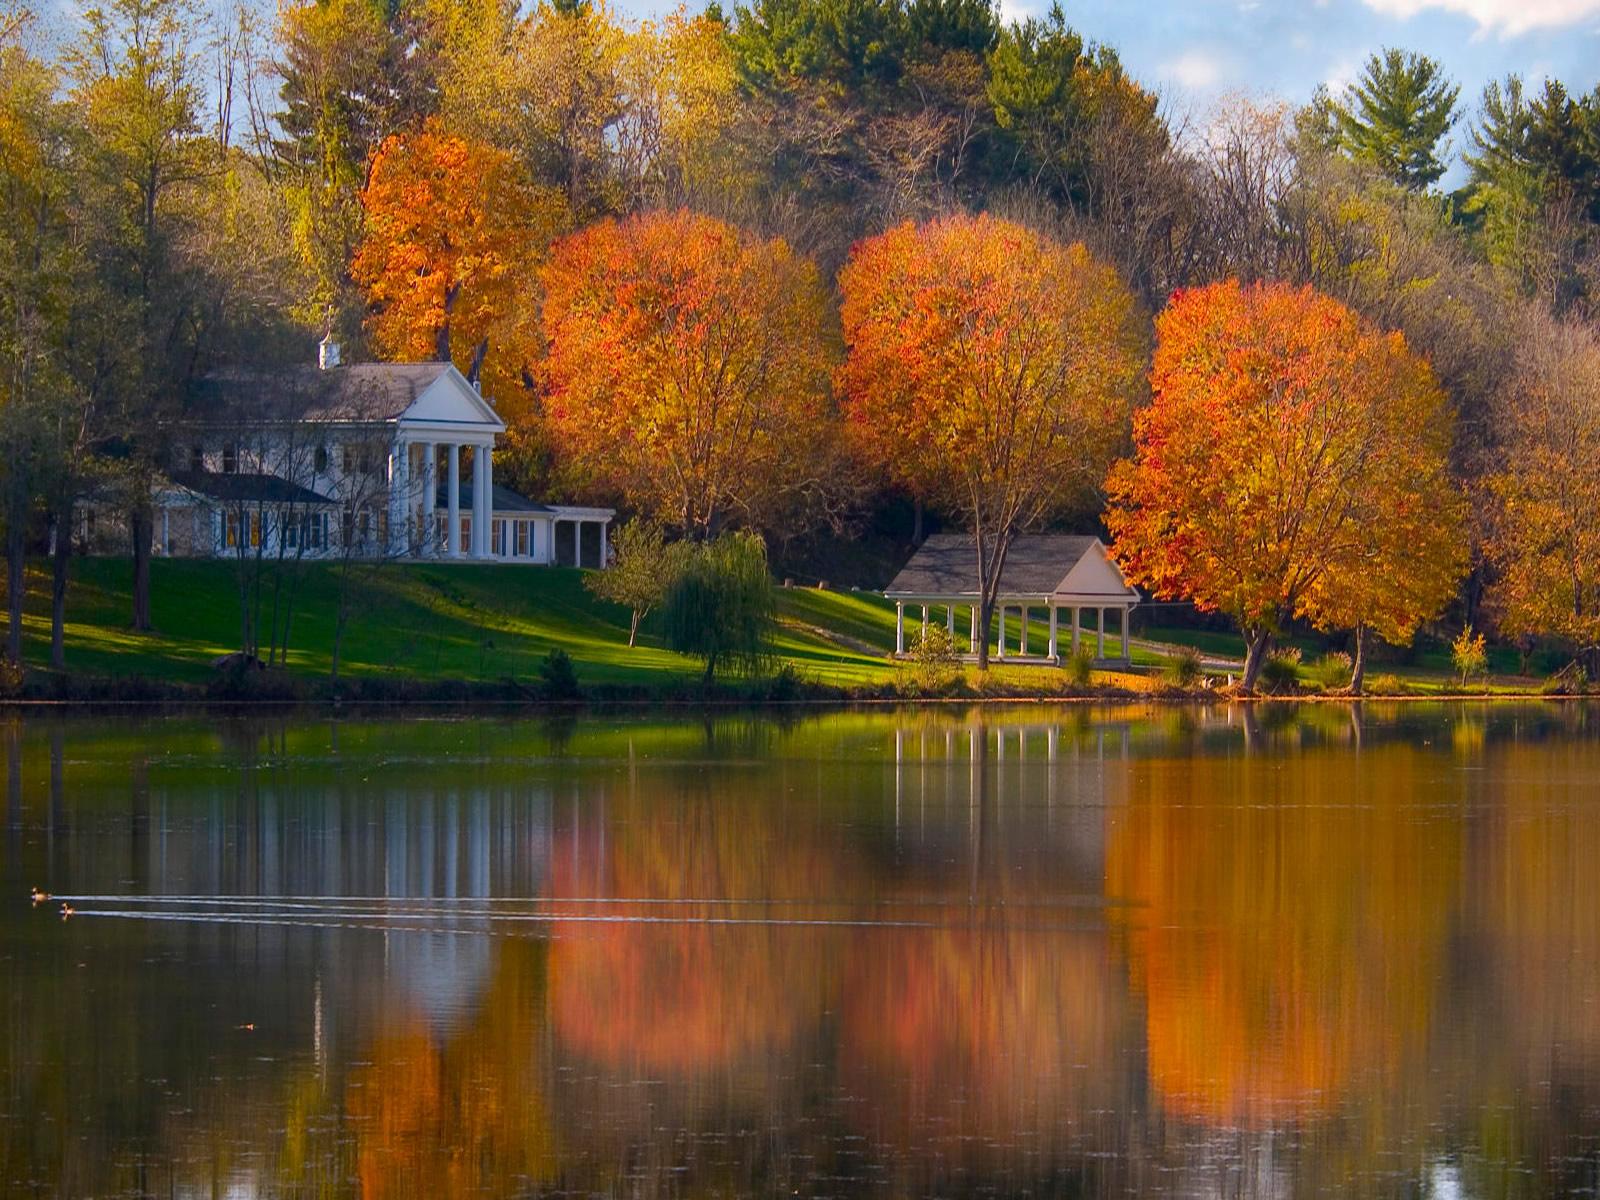 http://4.bp.blogspot.com/_sz2fJjO1XW8/TMyqAwdgAoI/AAAAAAAAG7E/ZT8QF51bPRY/s1600/autumn-landscape-wallpaper-1600x1200-1008099.jpg